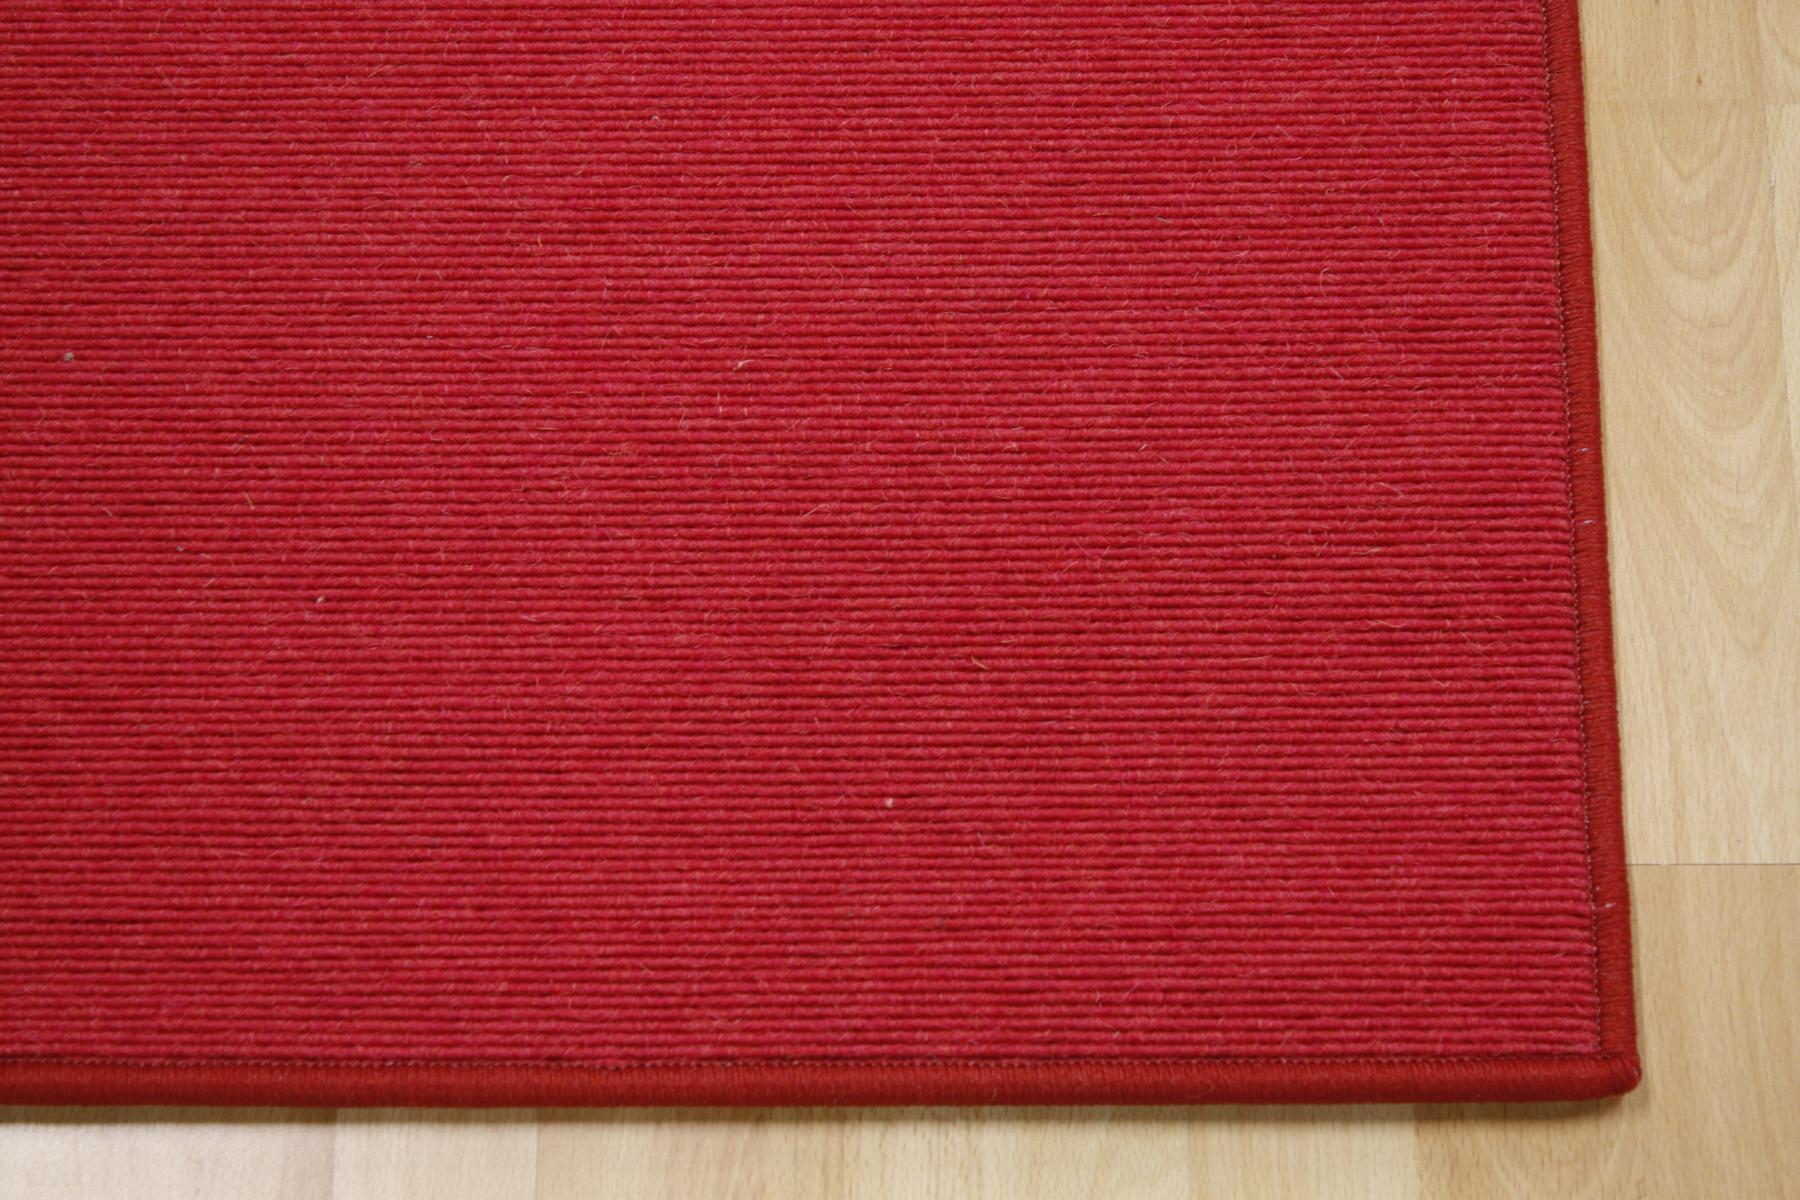 Teppich Tretford 570 umkettelt 350 x 200 cm Ziegenhaa